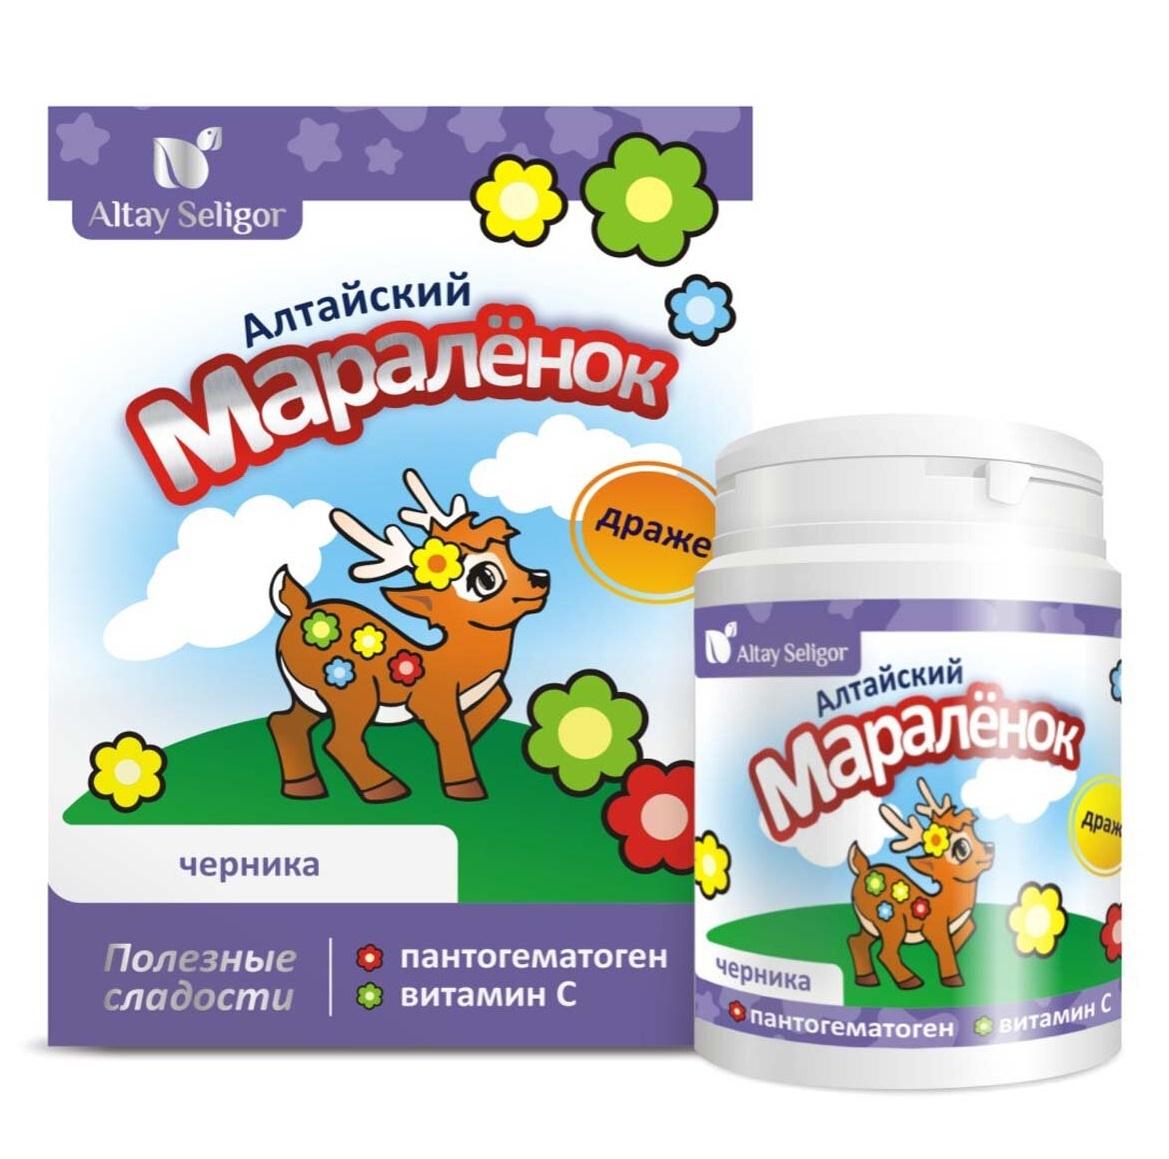 Драже Алтайский маралёнок Черника фото1